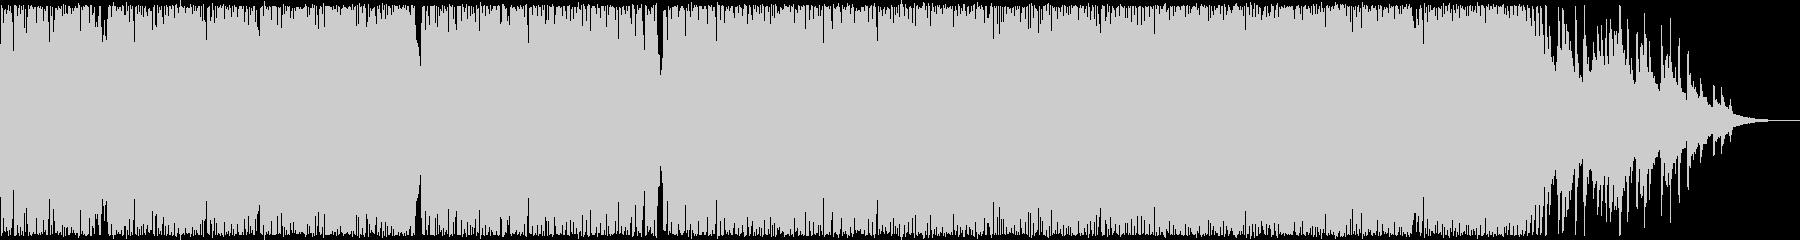 軽快で切ないハウスアレンジ・クリスマス曲の未再生の波形